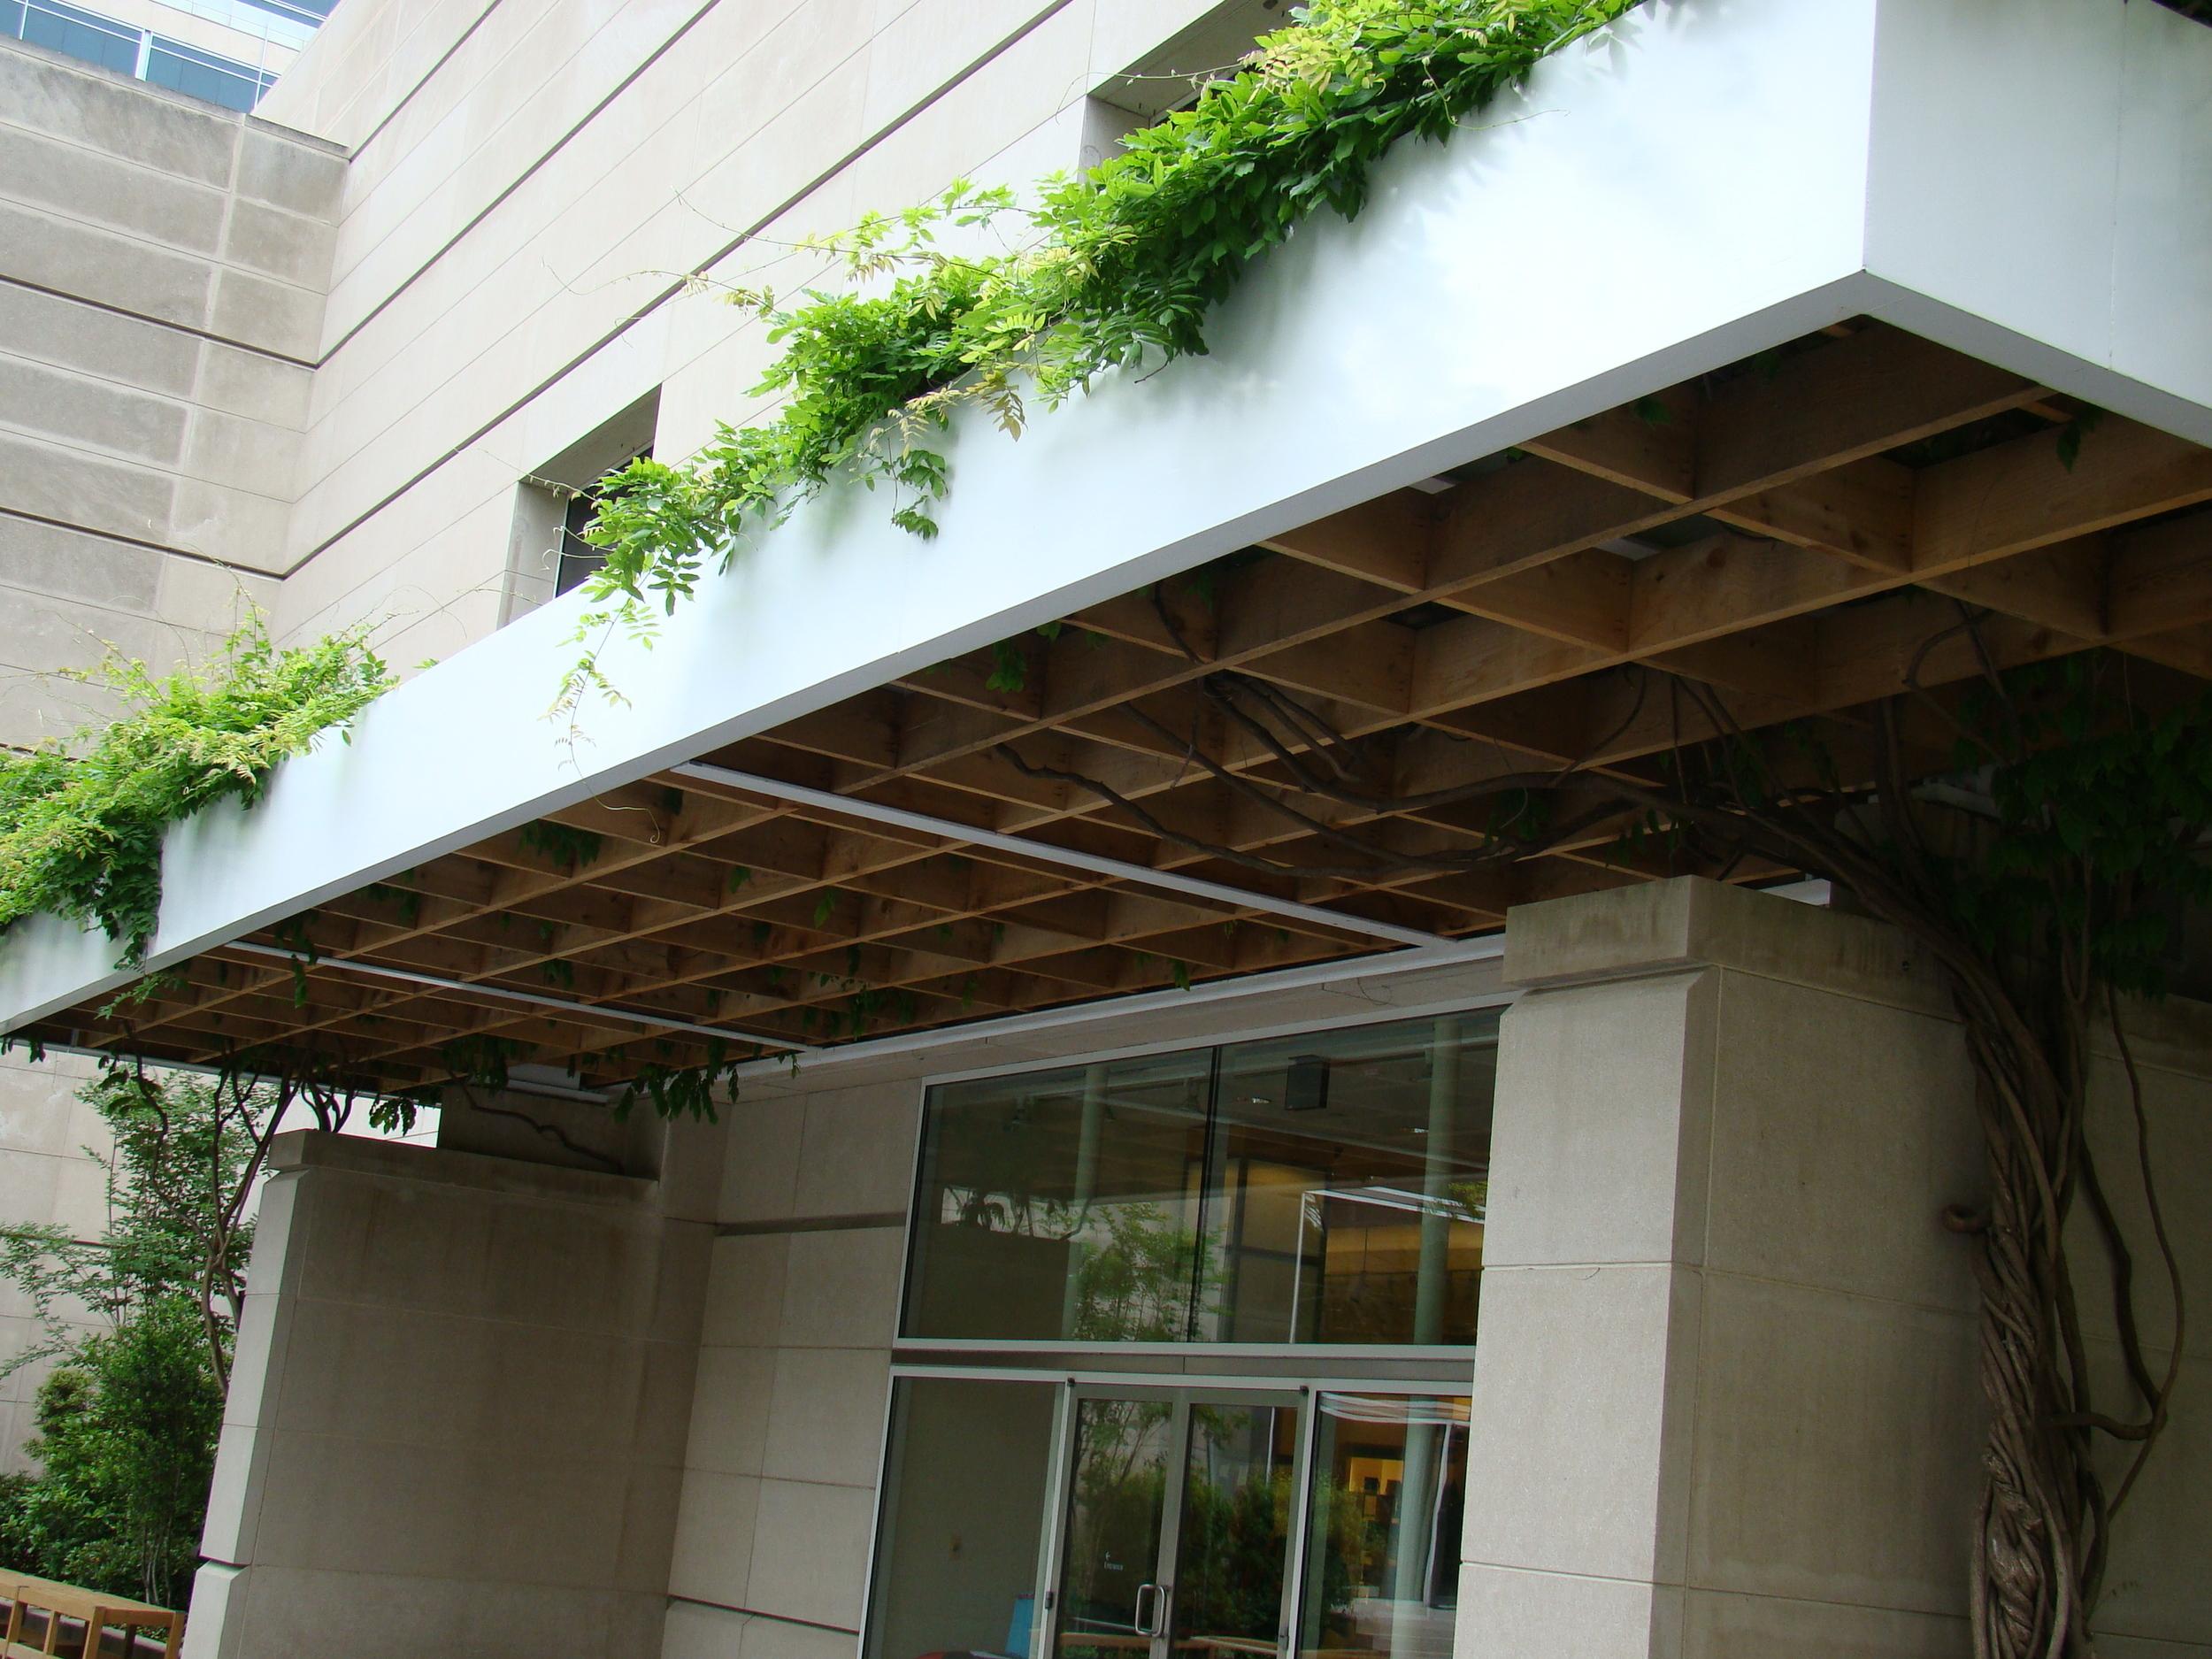 Dallas Museum of Art Atrium Remodel